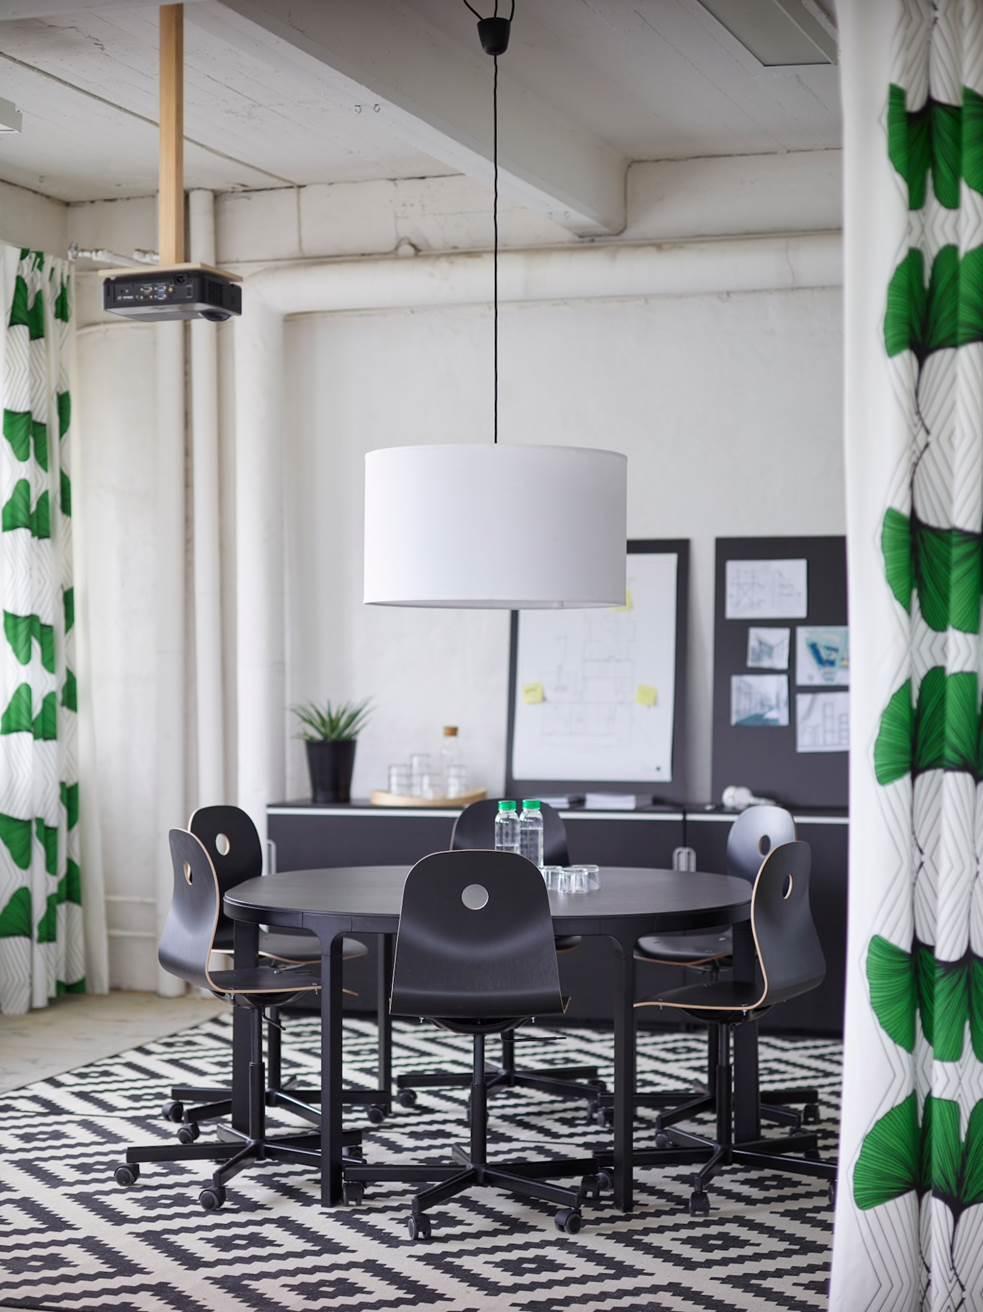 Pirteillä tekstiileillä ja näyttävällä valaisimella luodaan työpaikalle hyvää fiilistä! Kuva: Ikea